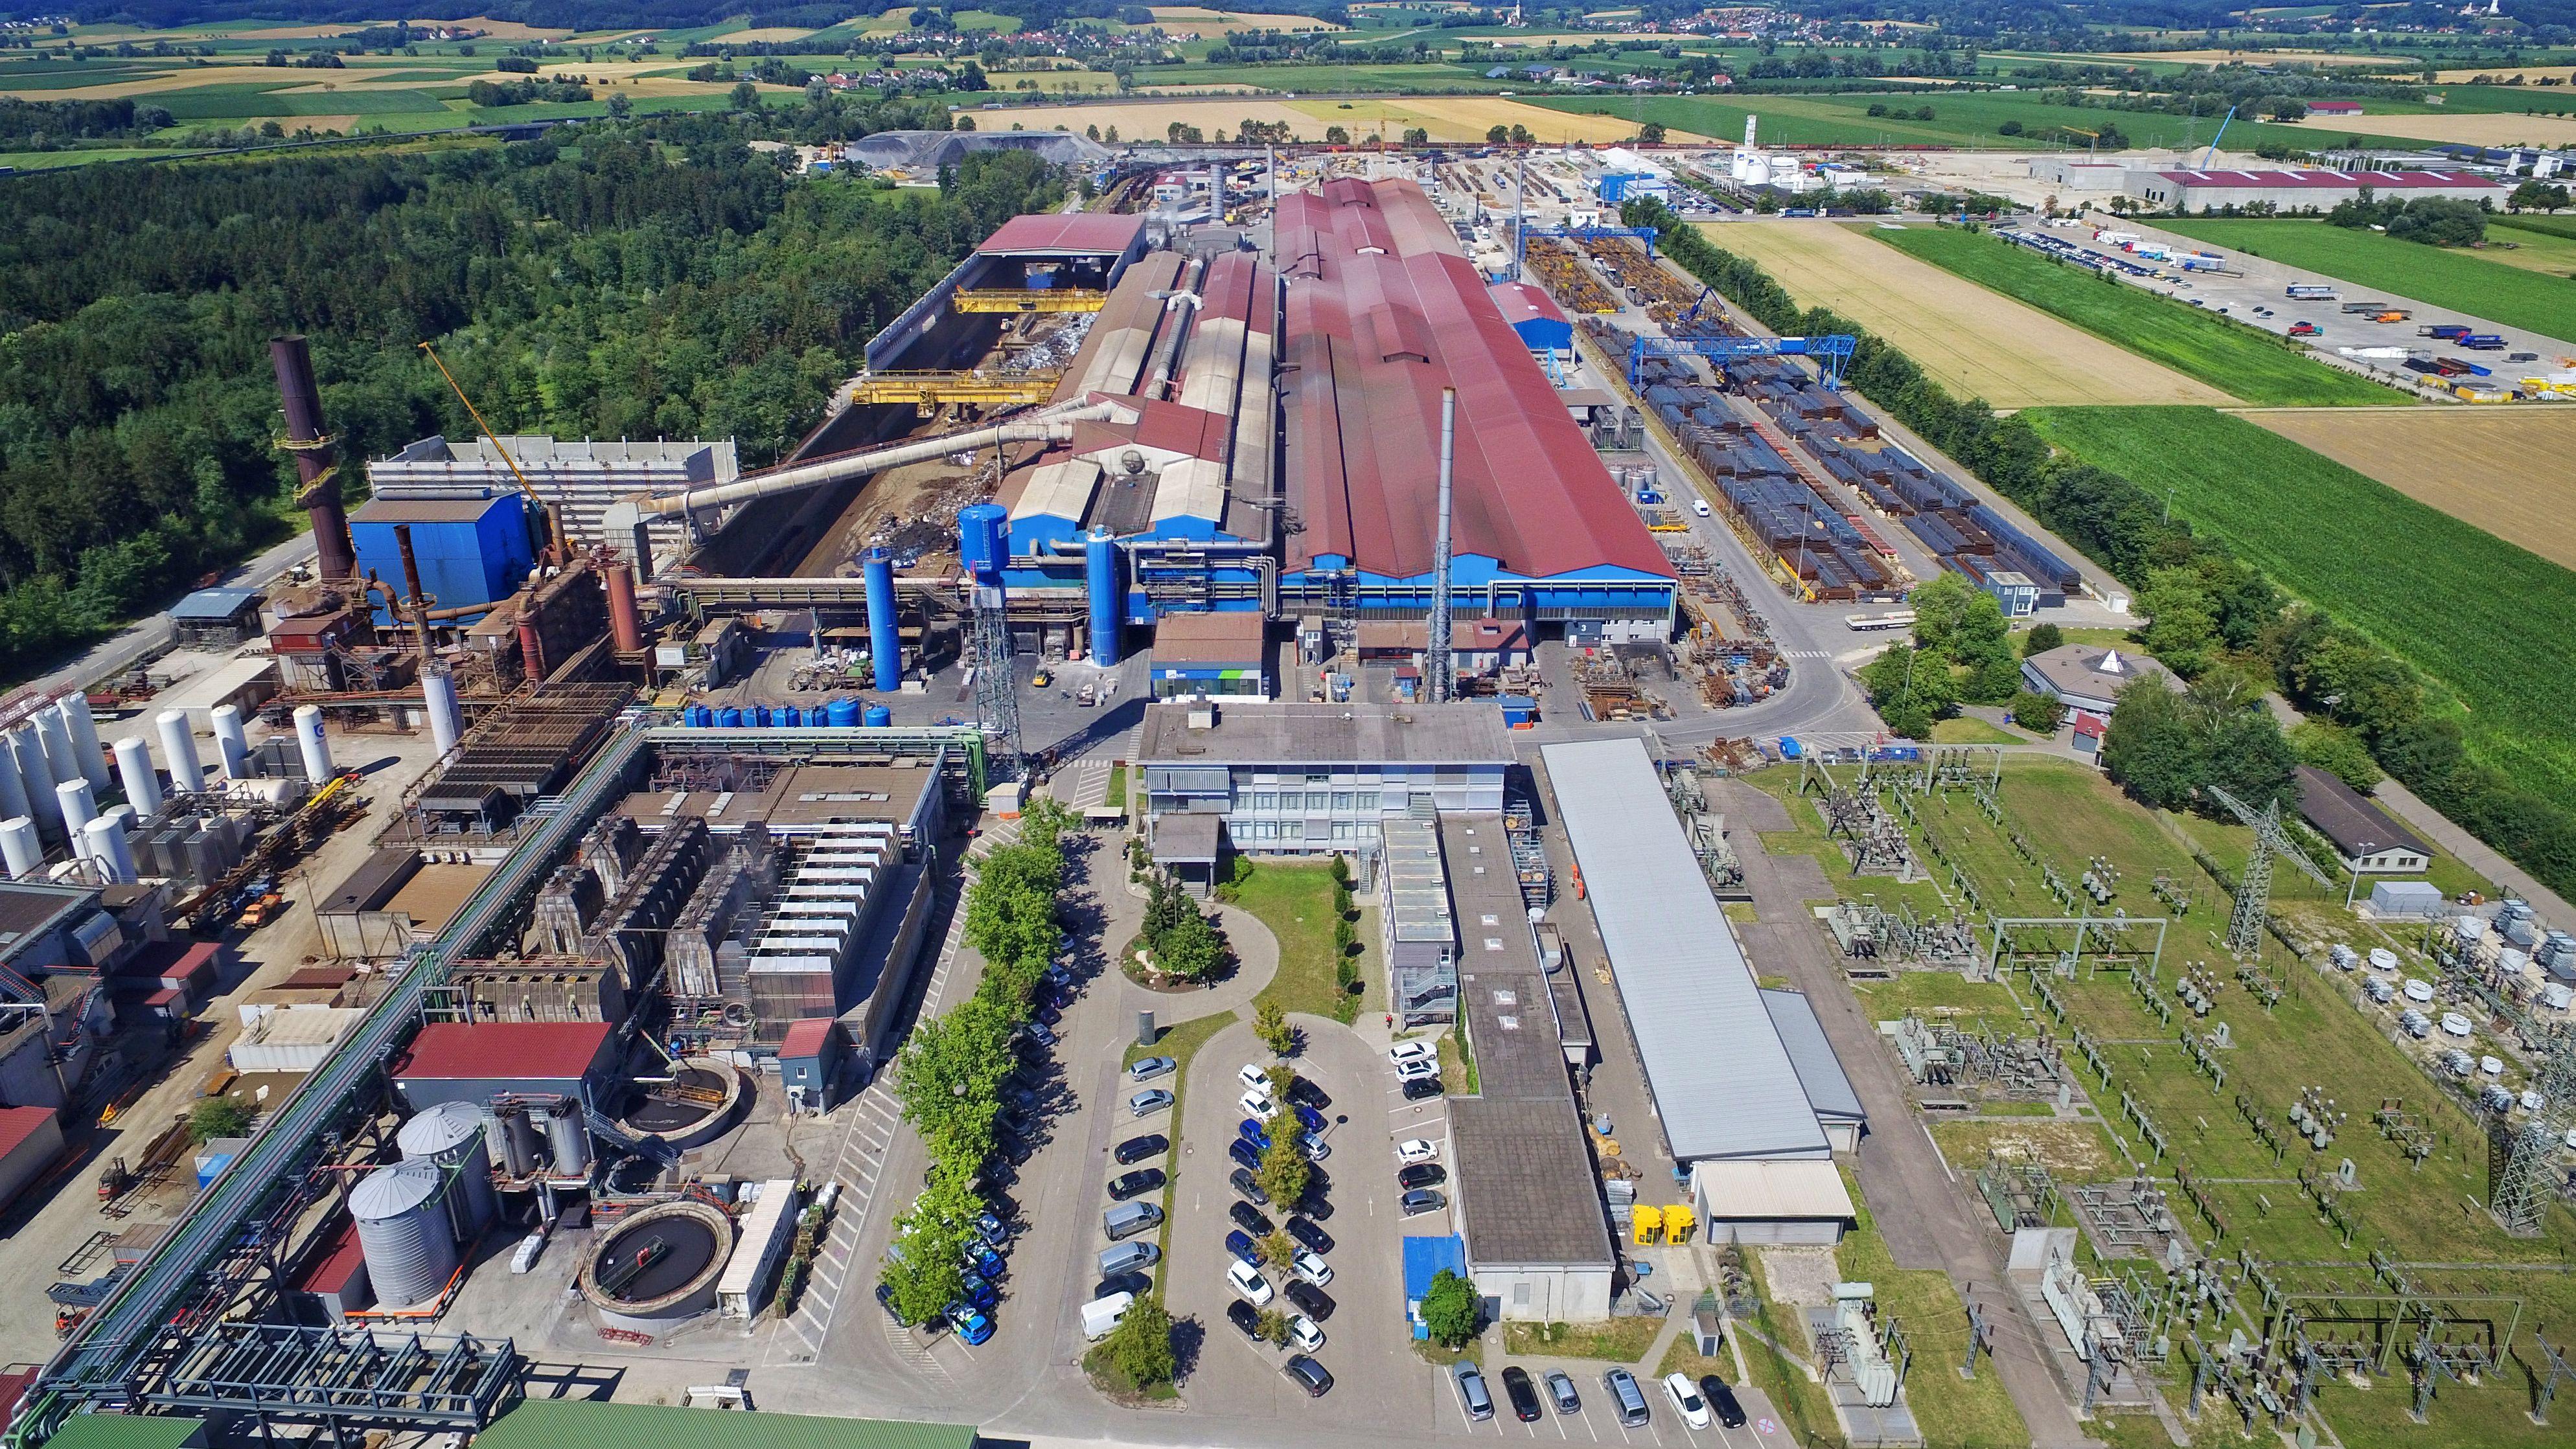 Luftaufnahme der Lech-Stahlwerke Herbertshofen